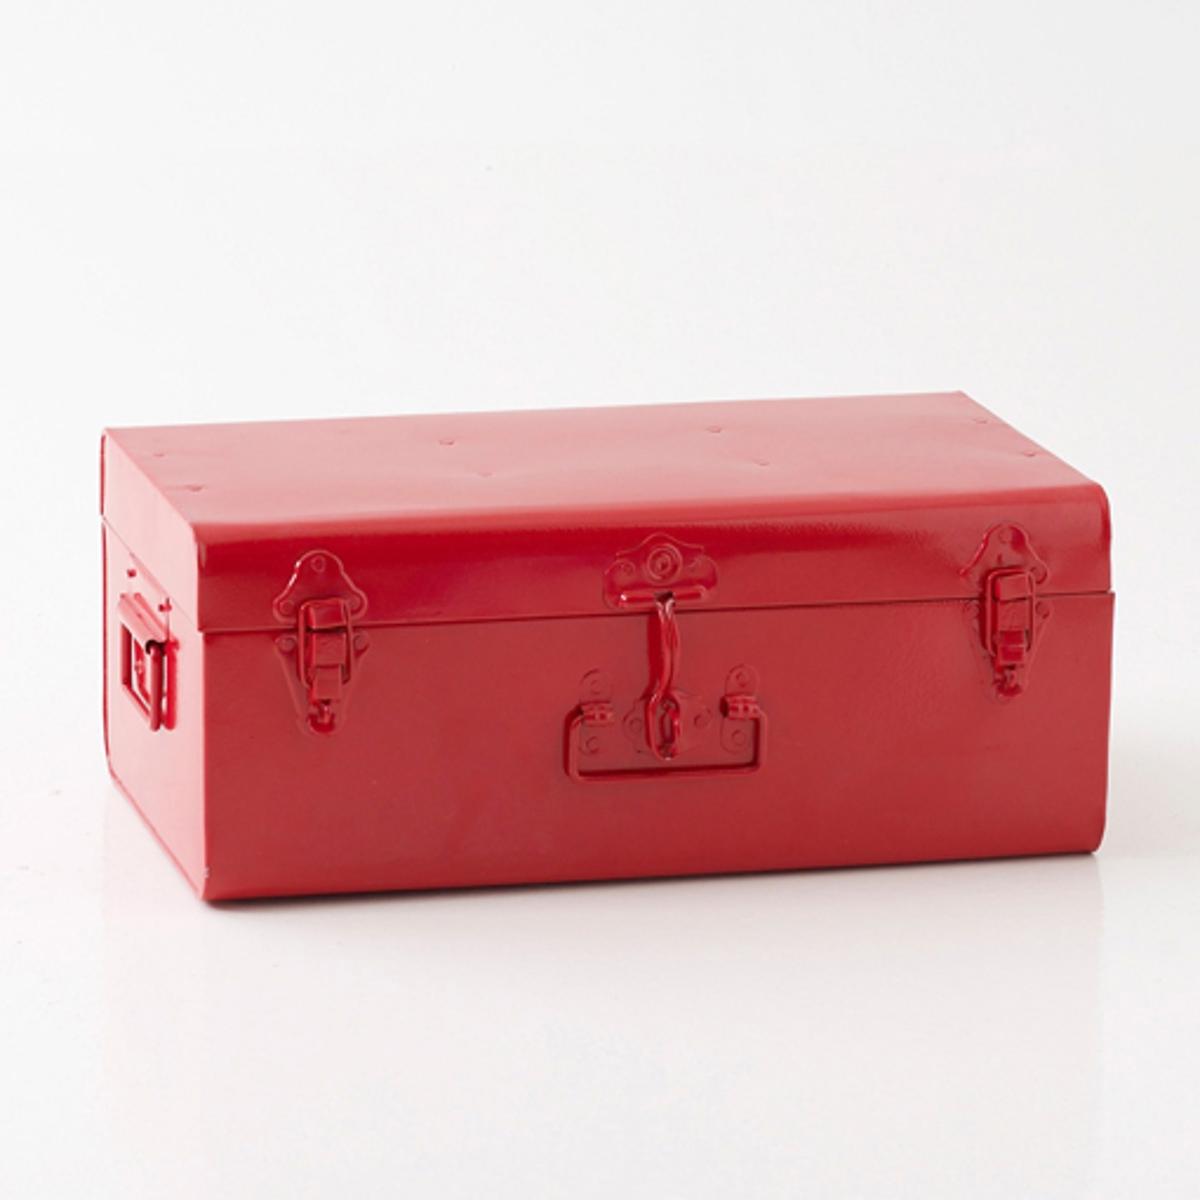 Сундук-чемодан из металла, Masa